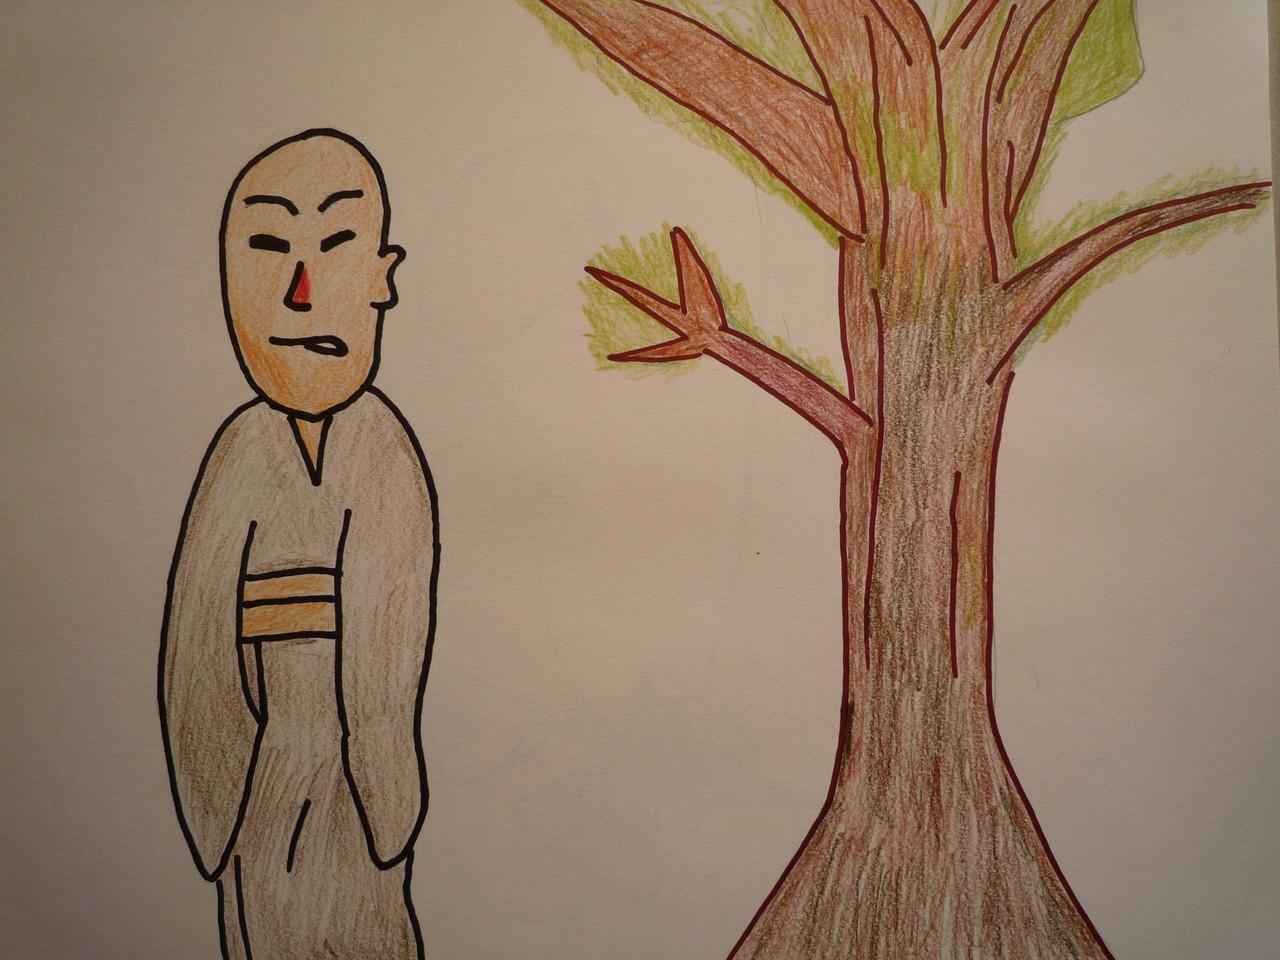 寺に大きな榎木があったので、本名ではなく、榎木和尚と呼ばれていました。